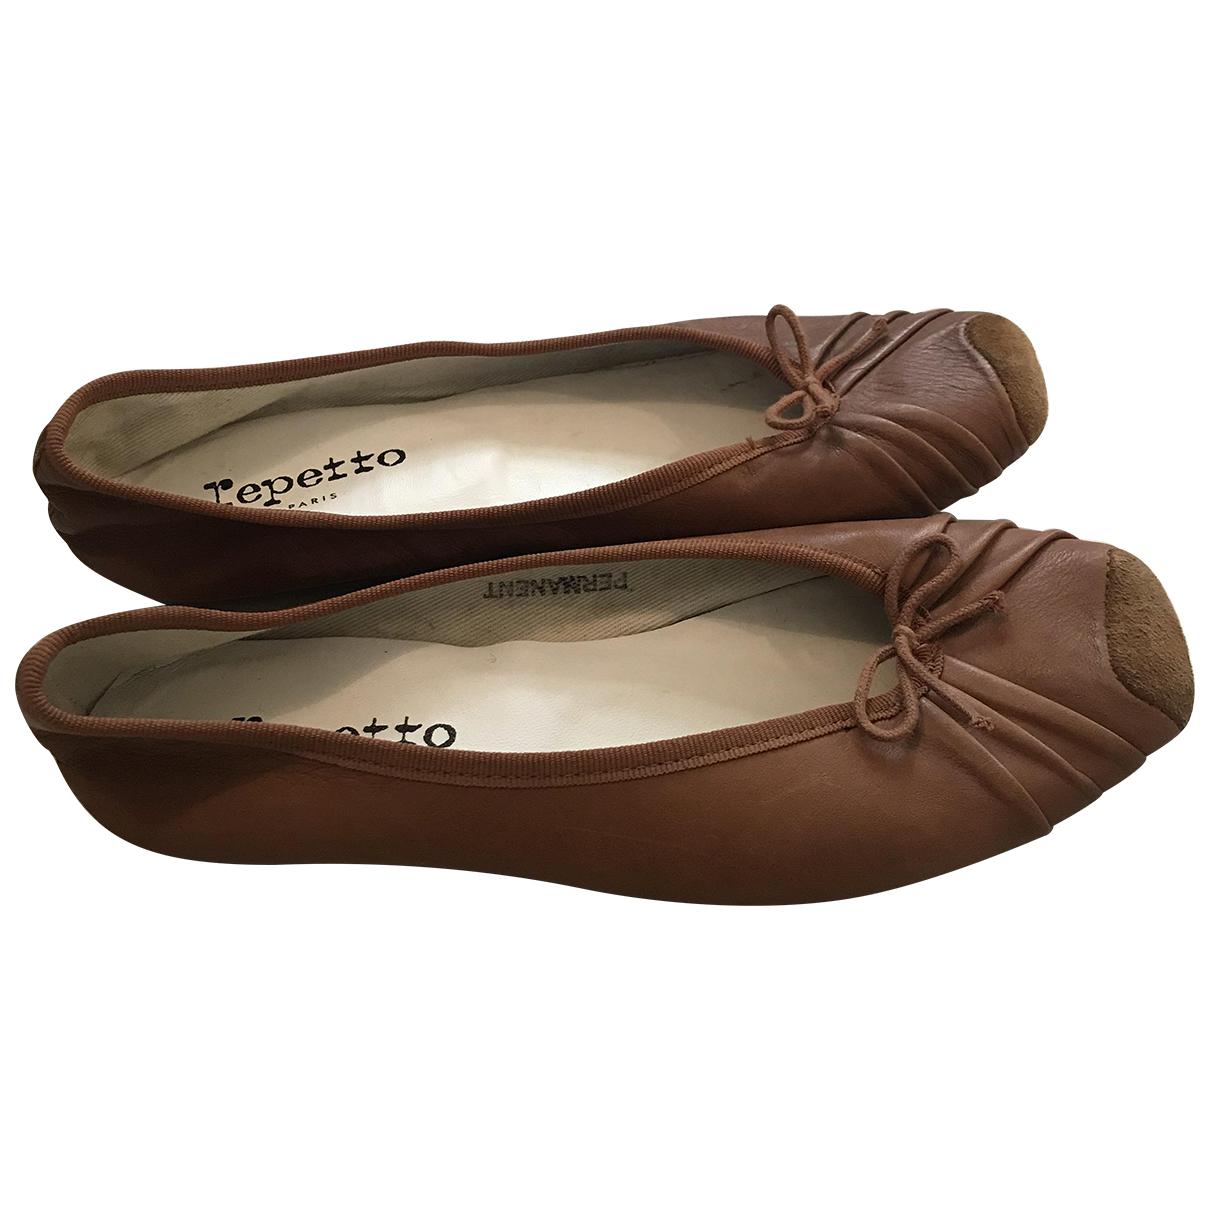 Repetto - Ballerines   pour femme en cuir - marron